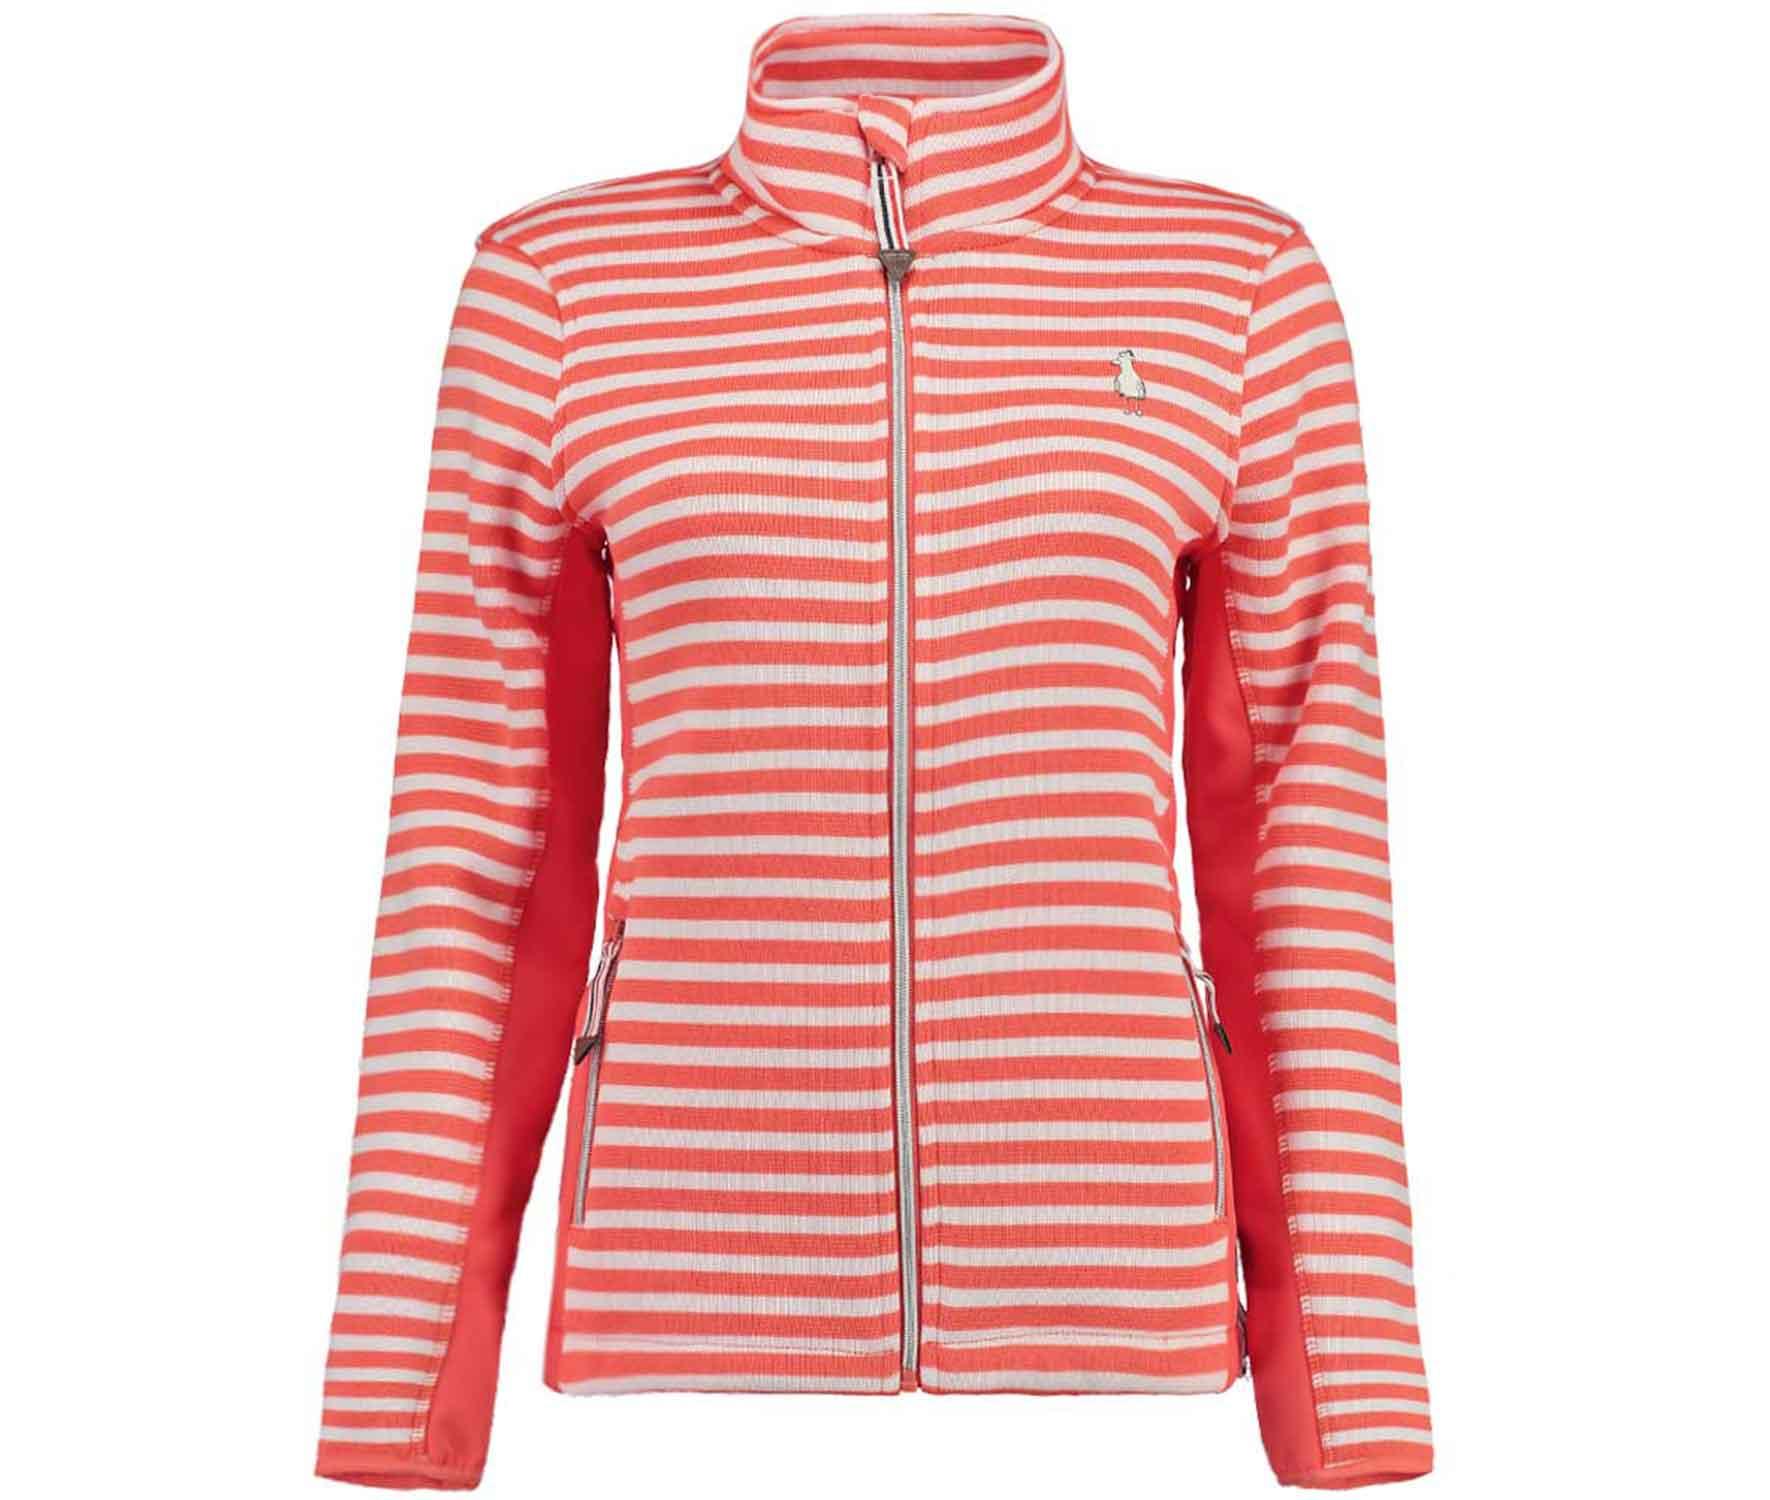 Damen Hoodies & günstige Sweatshirts online kaufen › top Marken